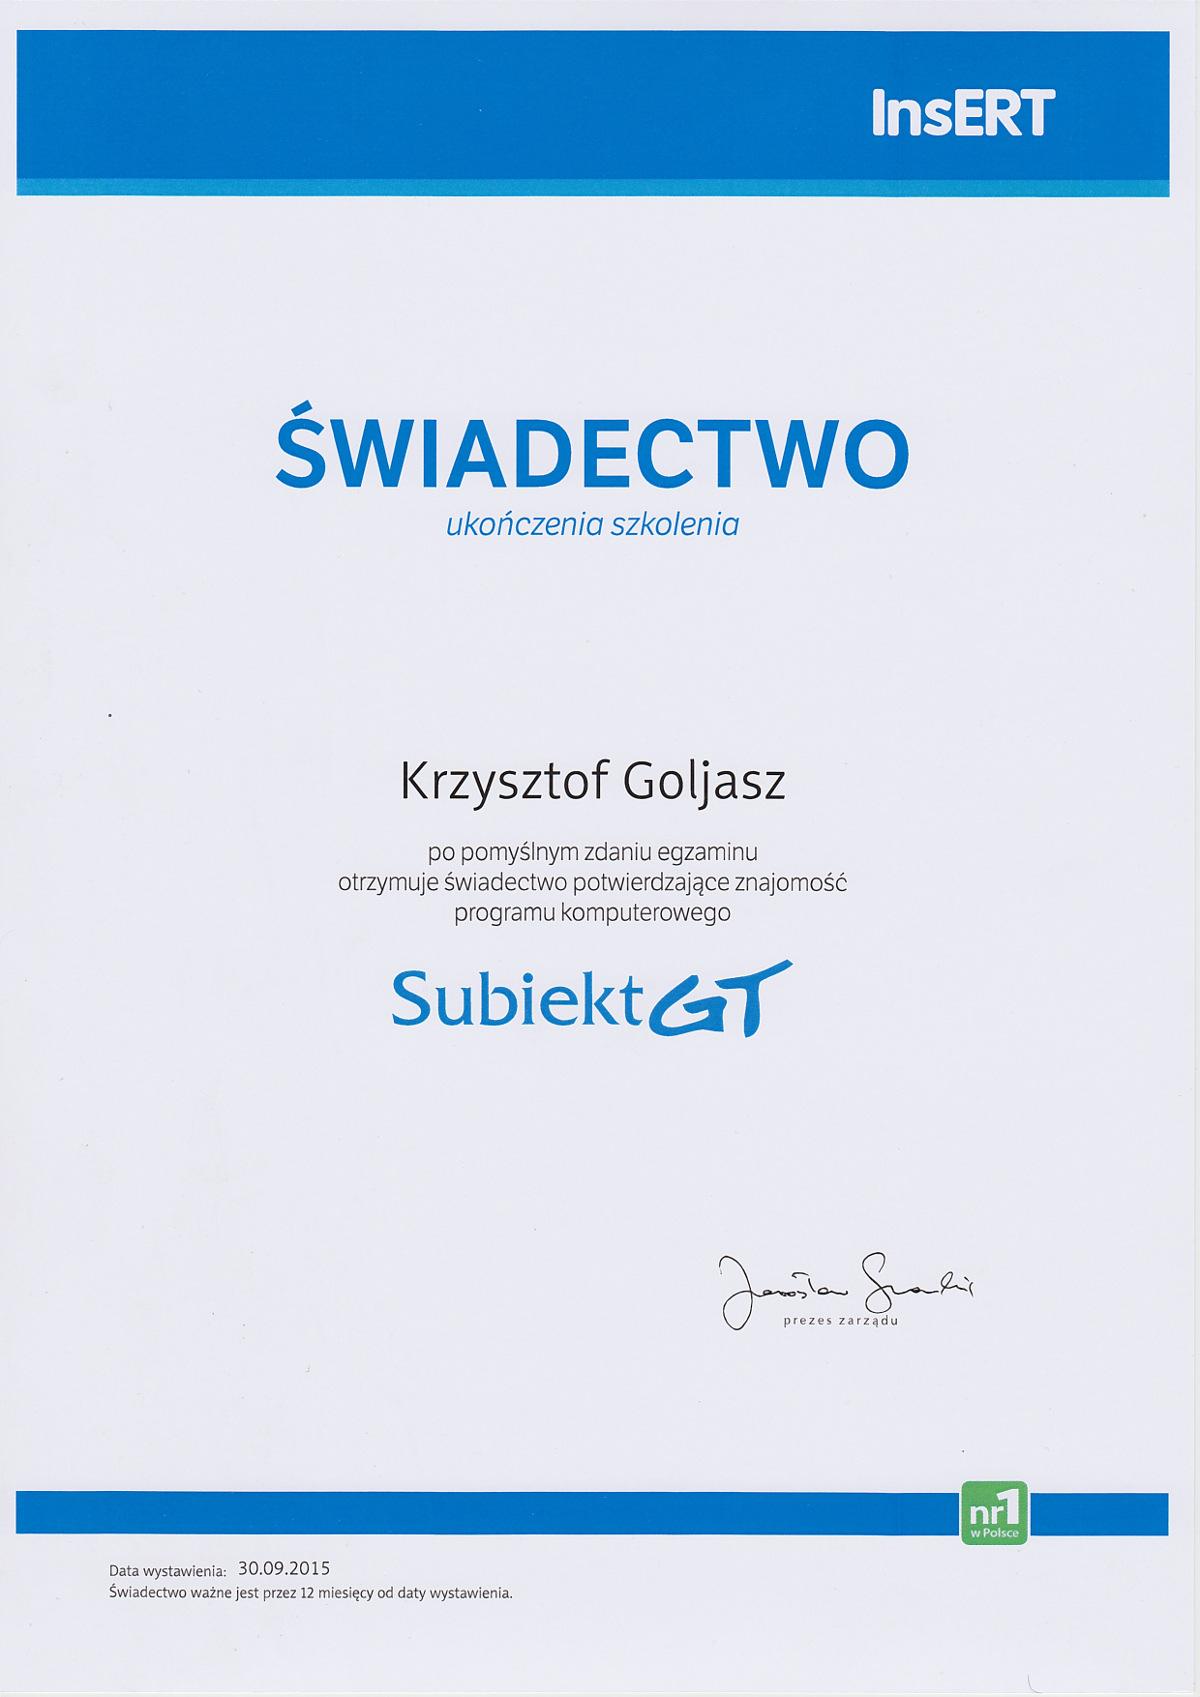 Dyplom Subiekt GT - Krzysztof Goljasz